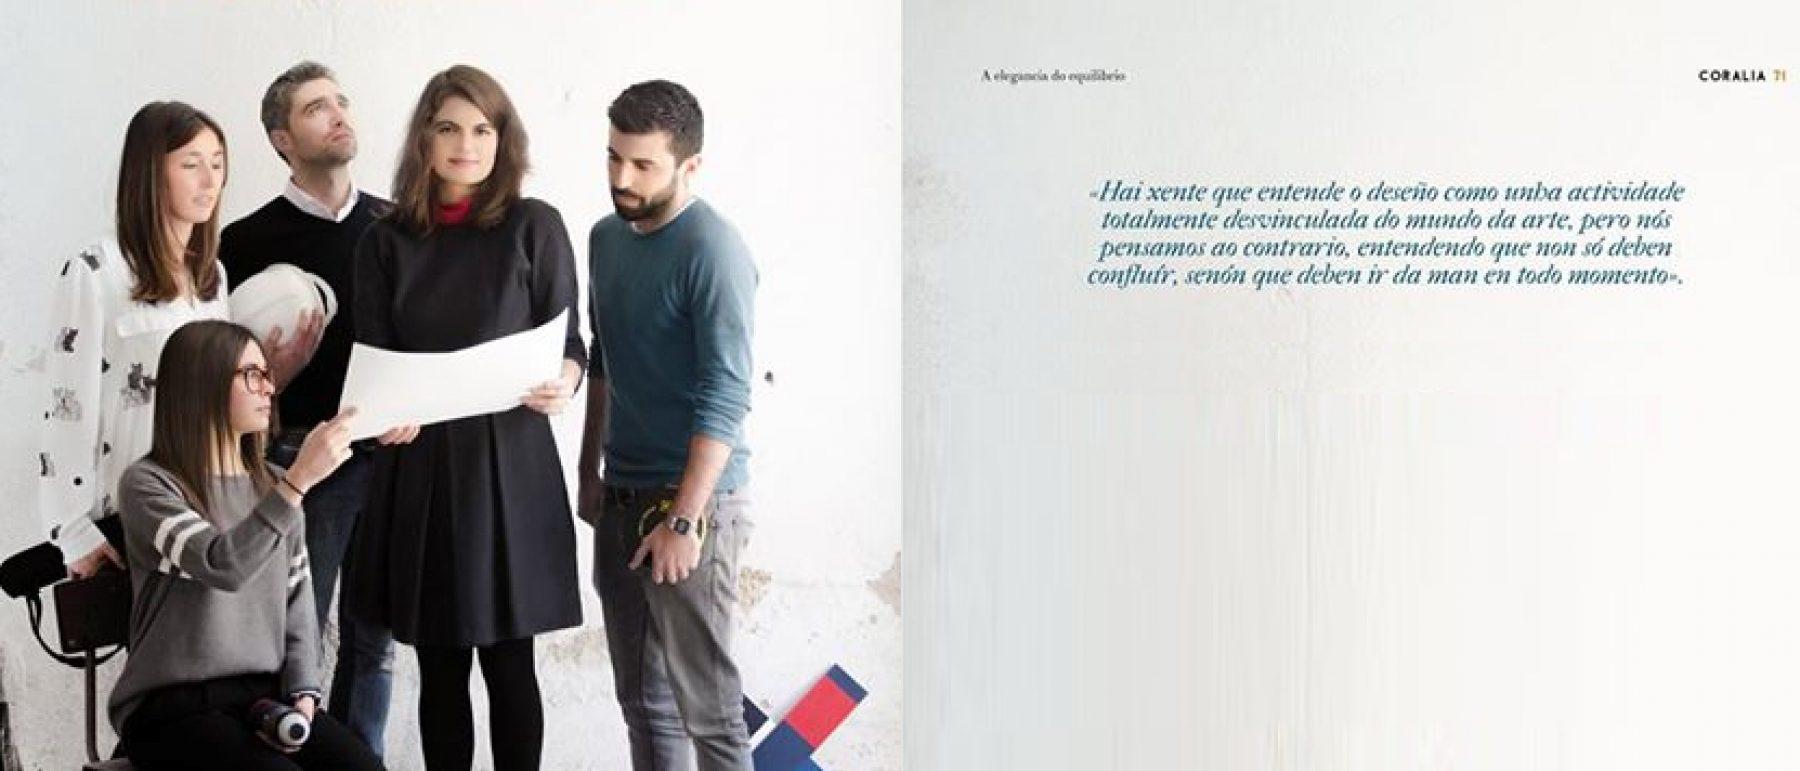 revista_coralia